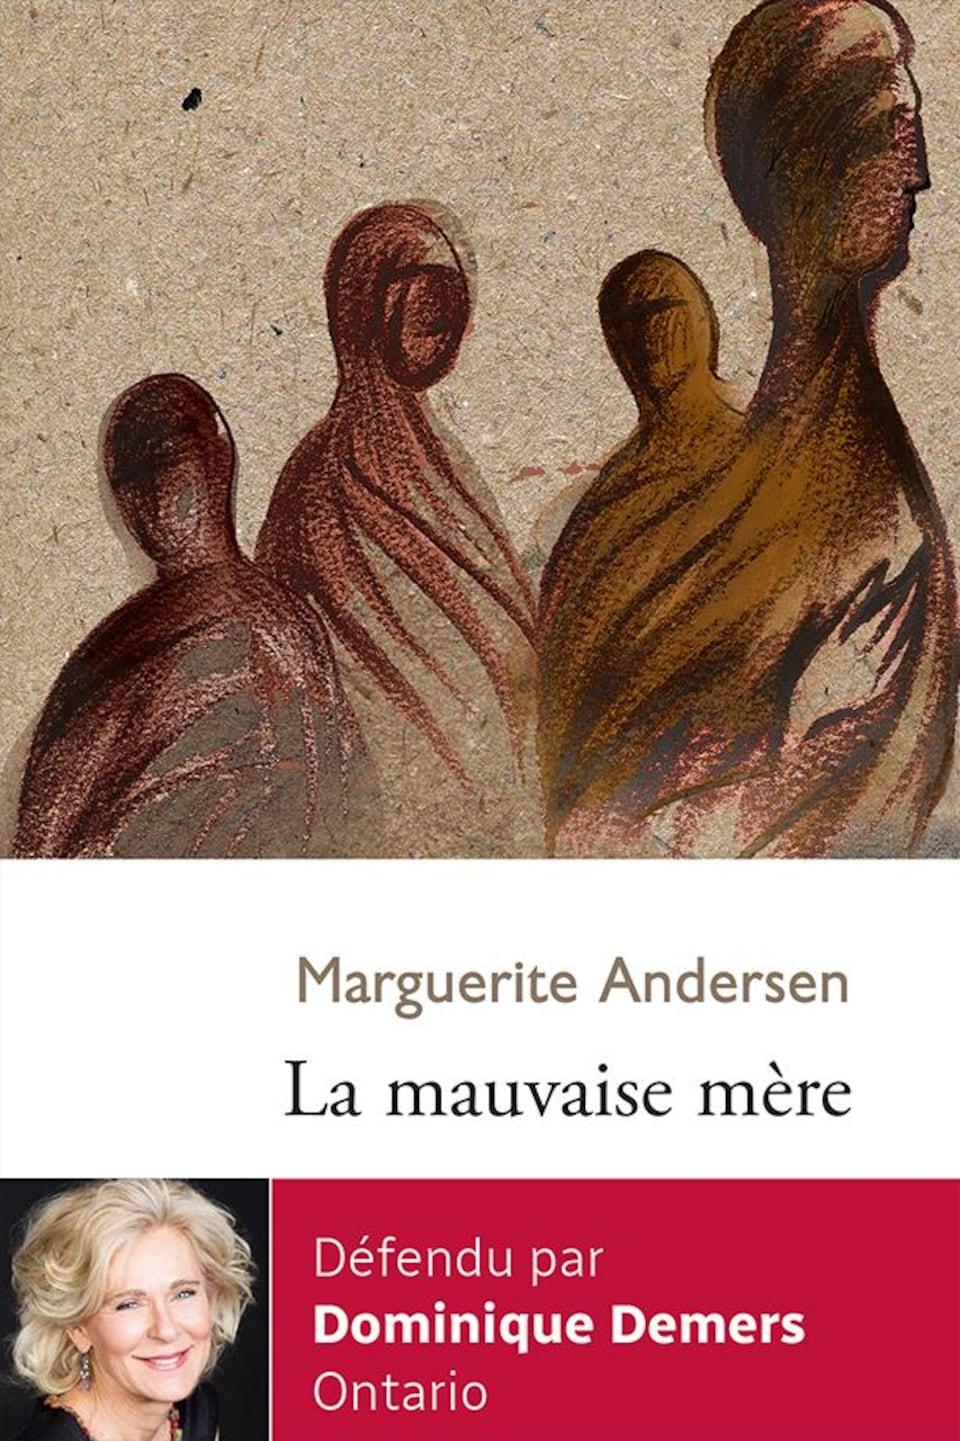 Sur la couverture du livre La mauvaise mère, une illustration représentant quatre silhouettes